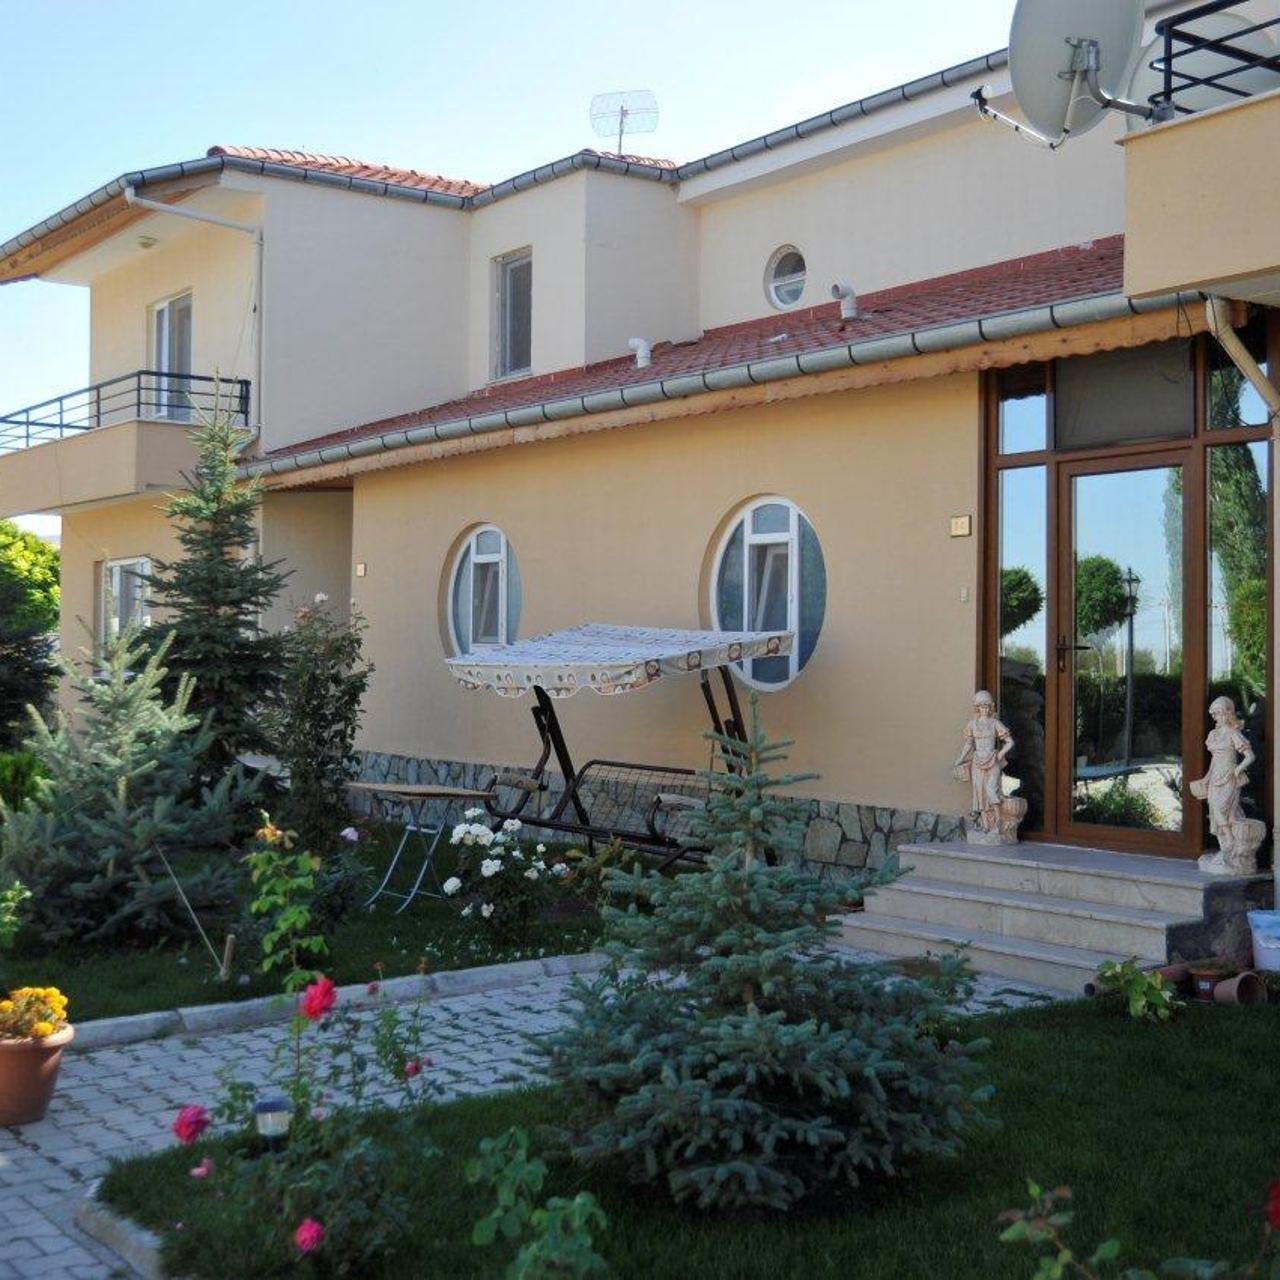 Hotel Dundar Thermal Villa Otel In Afyon Hrs